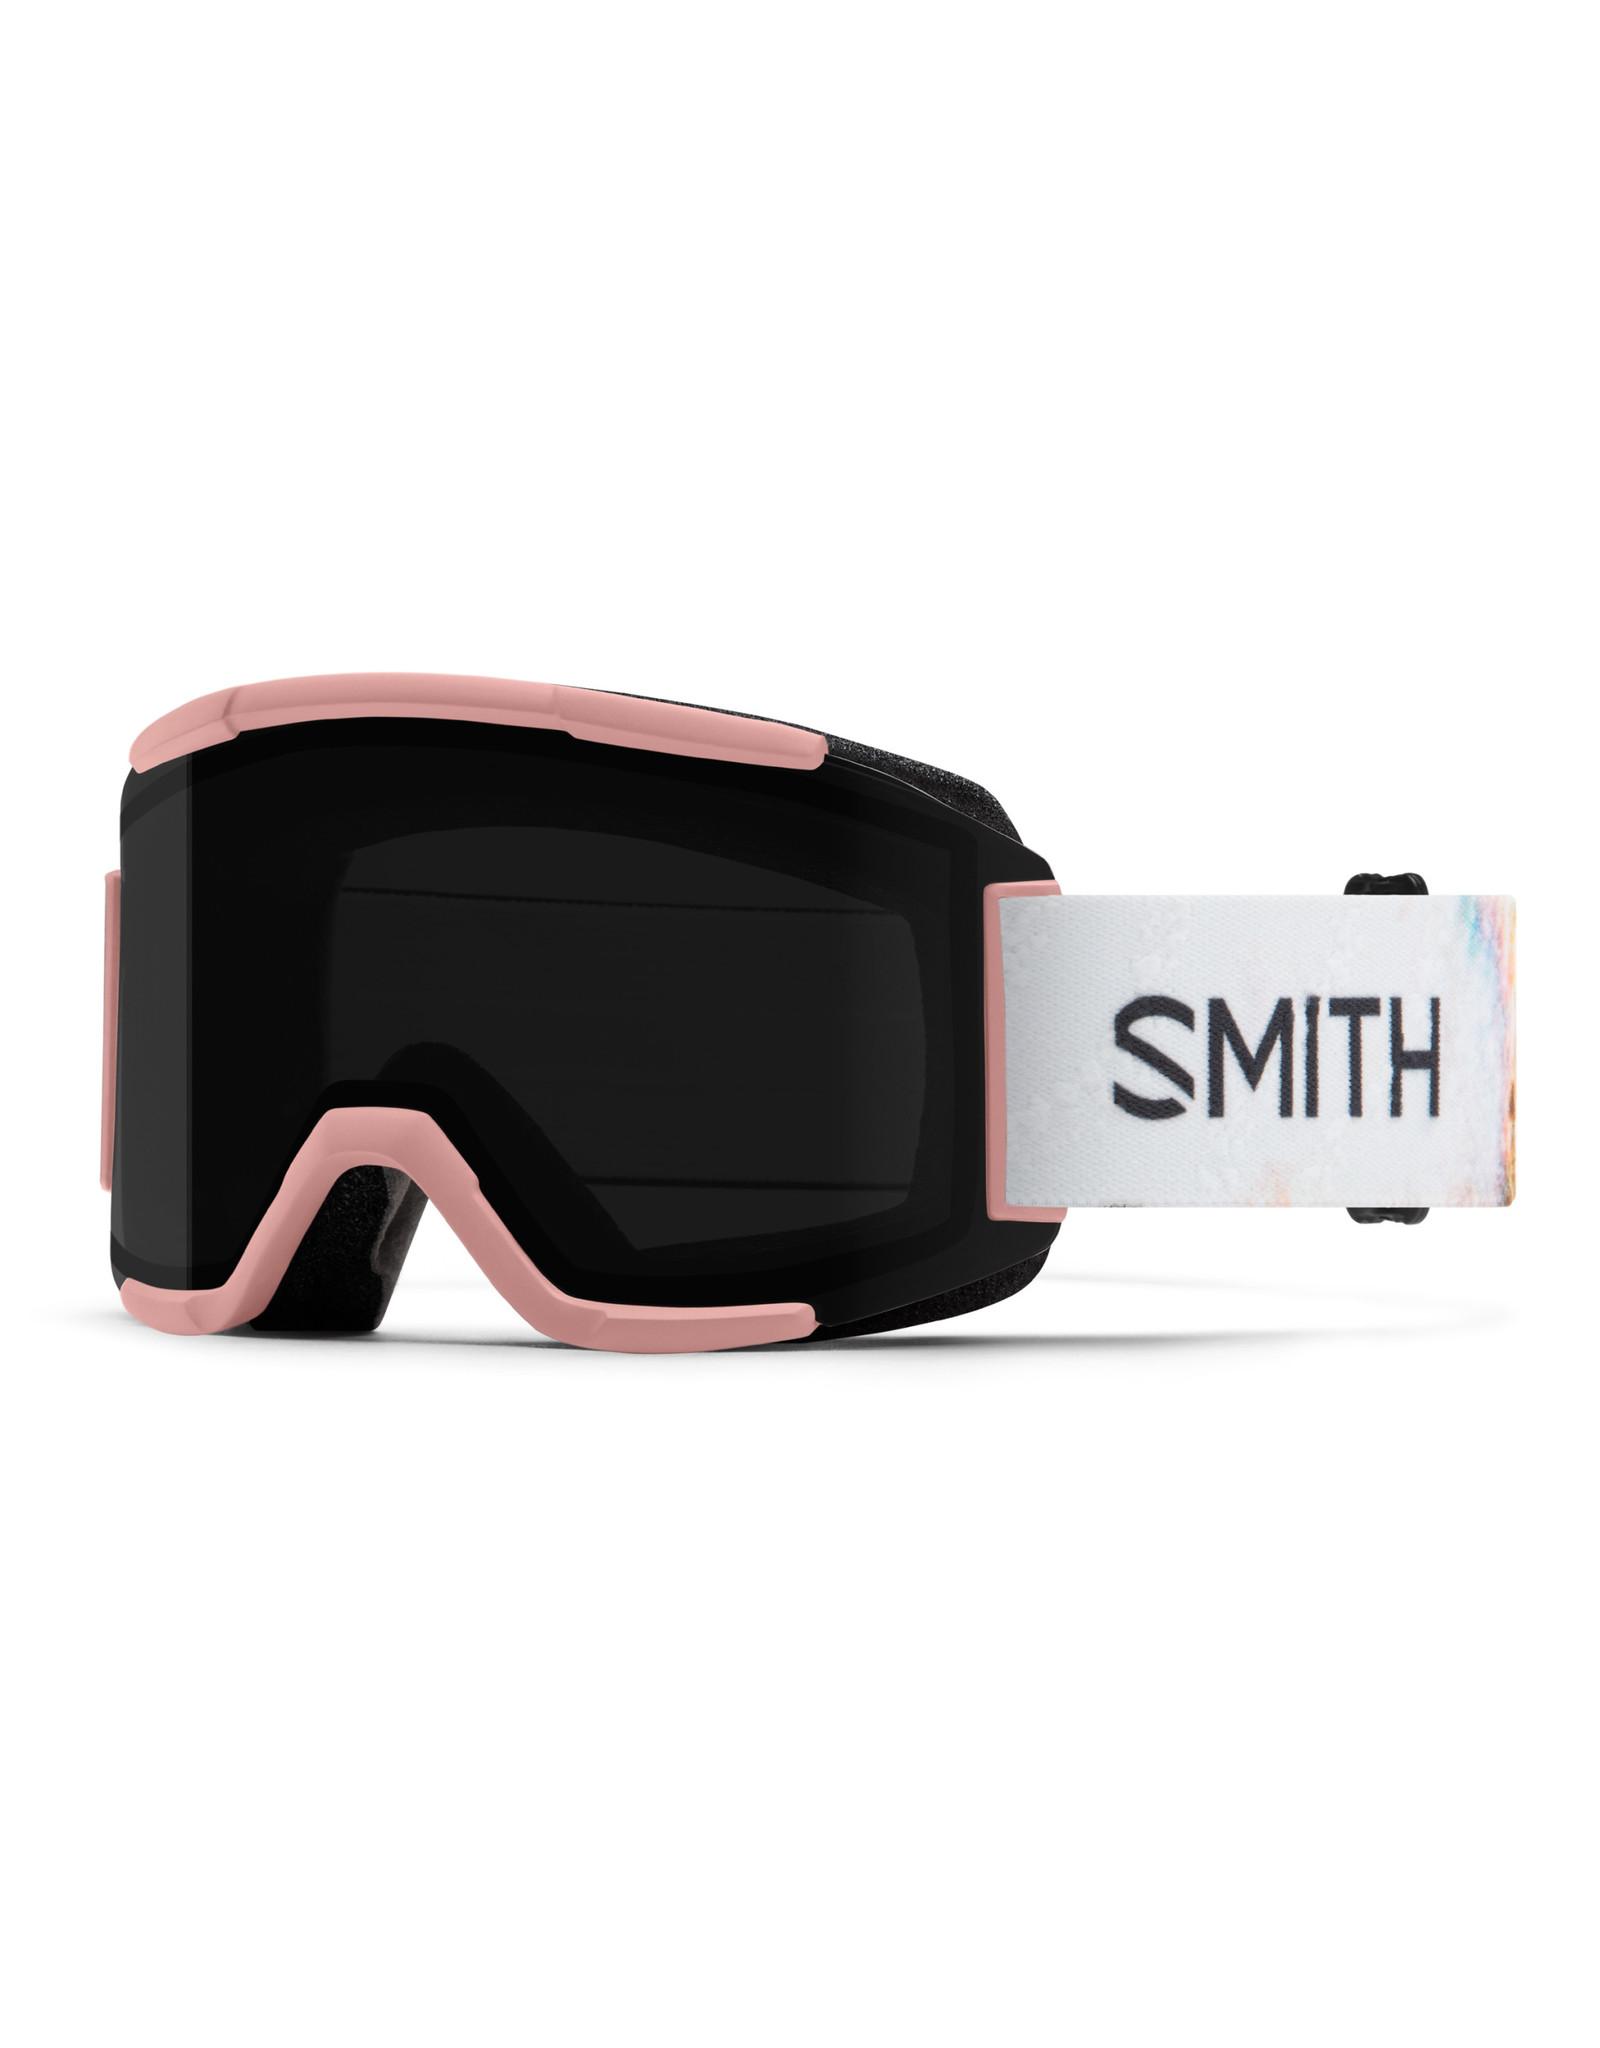 Smith SMITH SQUAD AC DESIREE 20 LUNETTES DE SKI